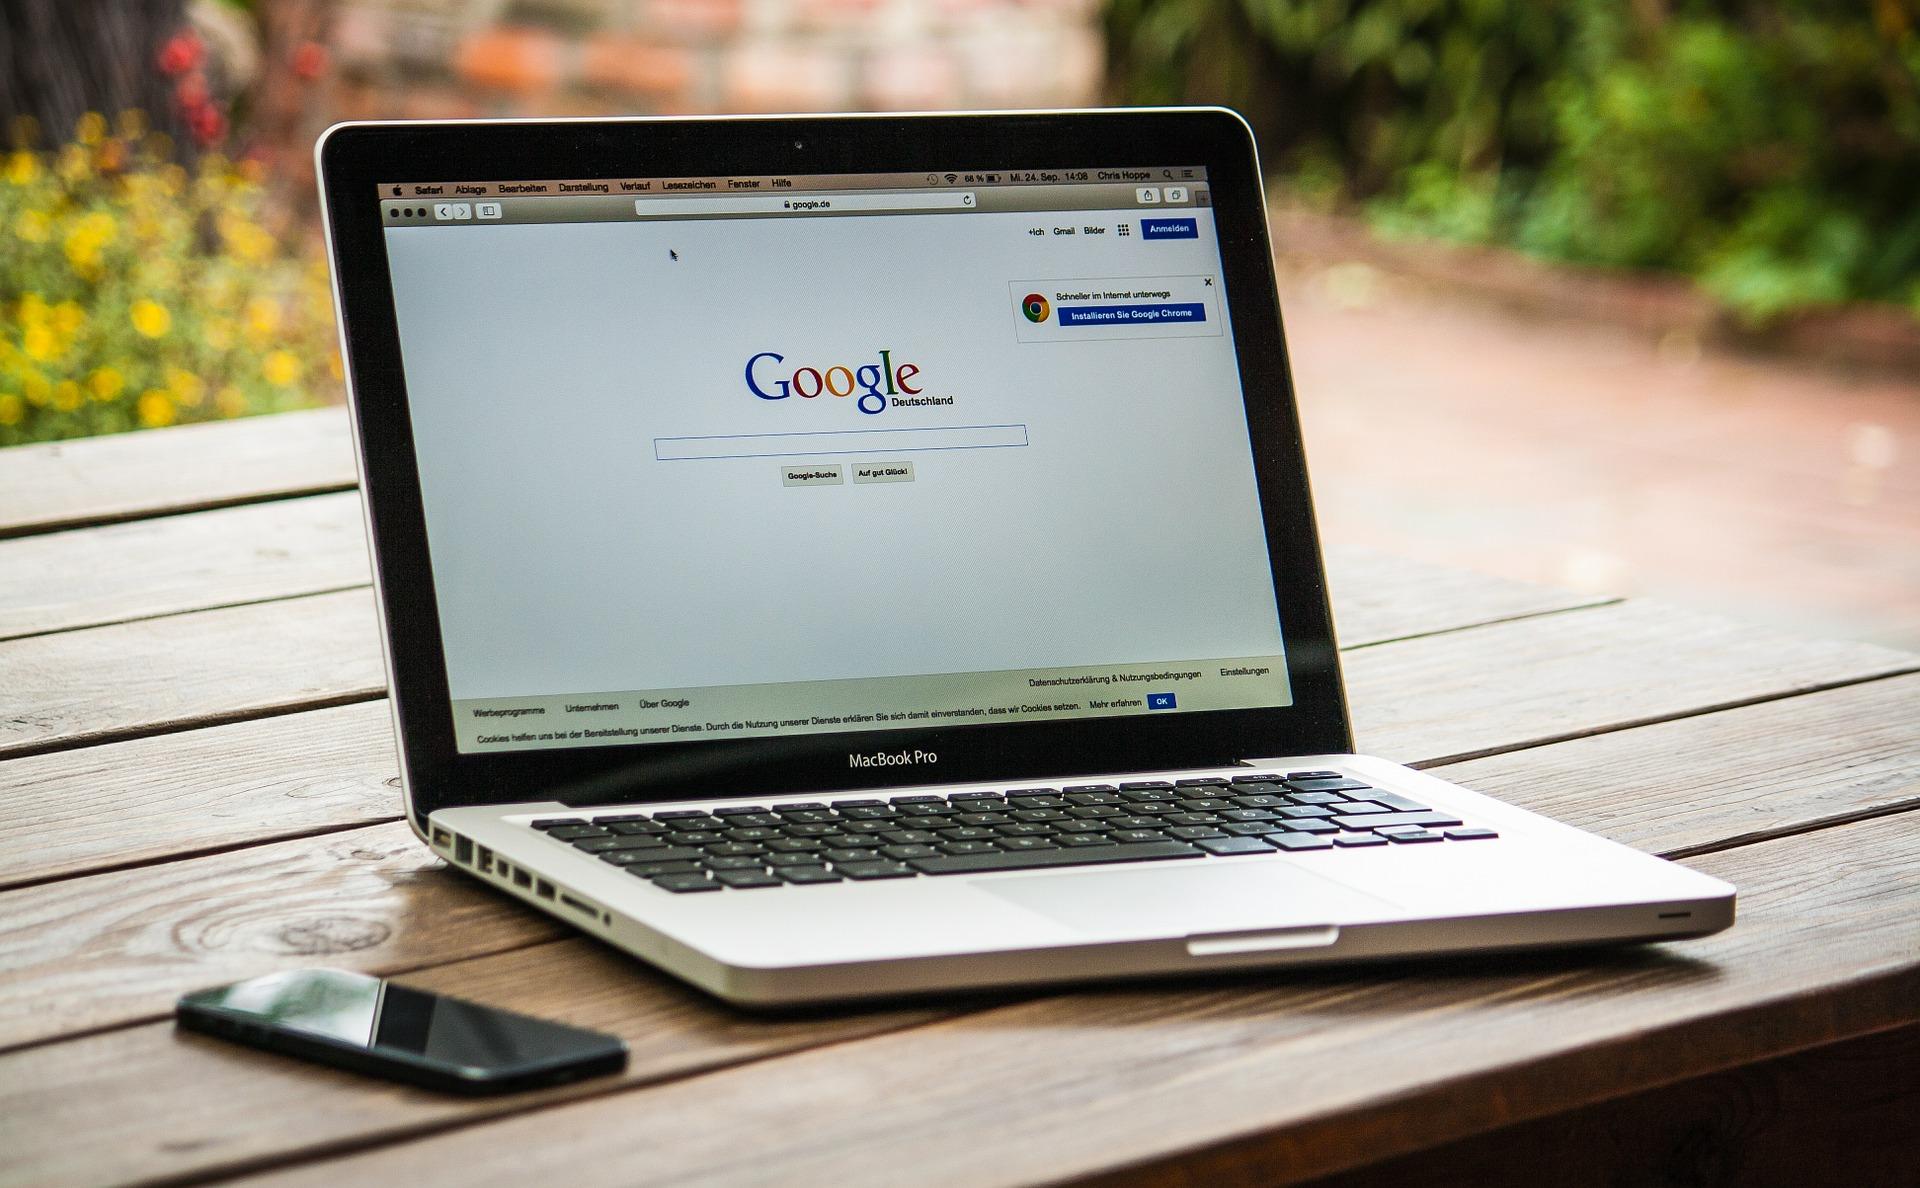 La convocatoria al Launchpad Accelerator de Google está abierta